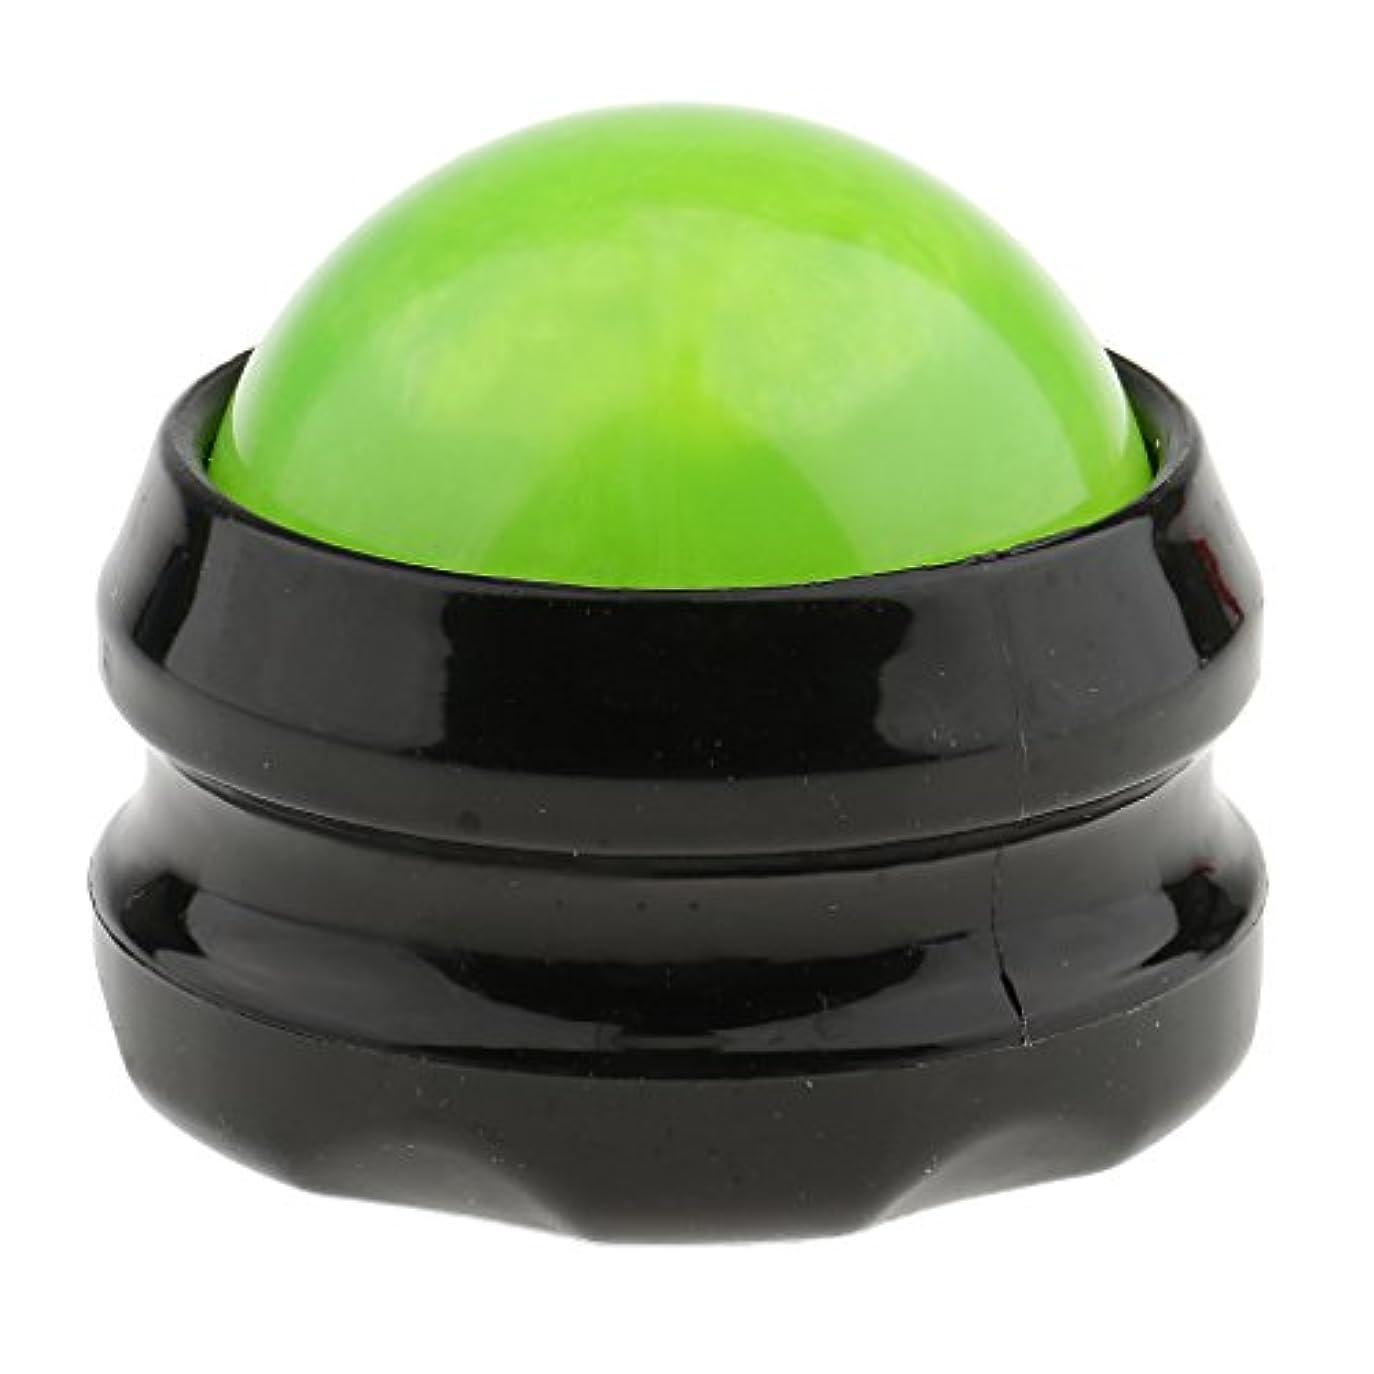 オープニングほんのマティスマッサージ ローラーボール ボディマッサージ 自宅 オフィス 旅行 SPA 全4色 - グリーンブラック